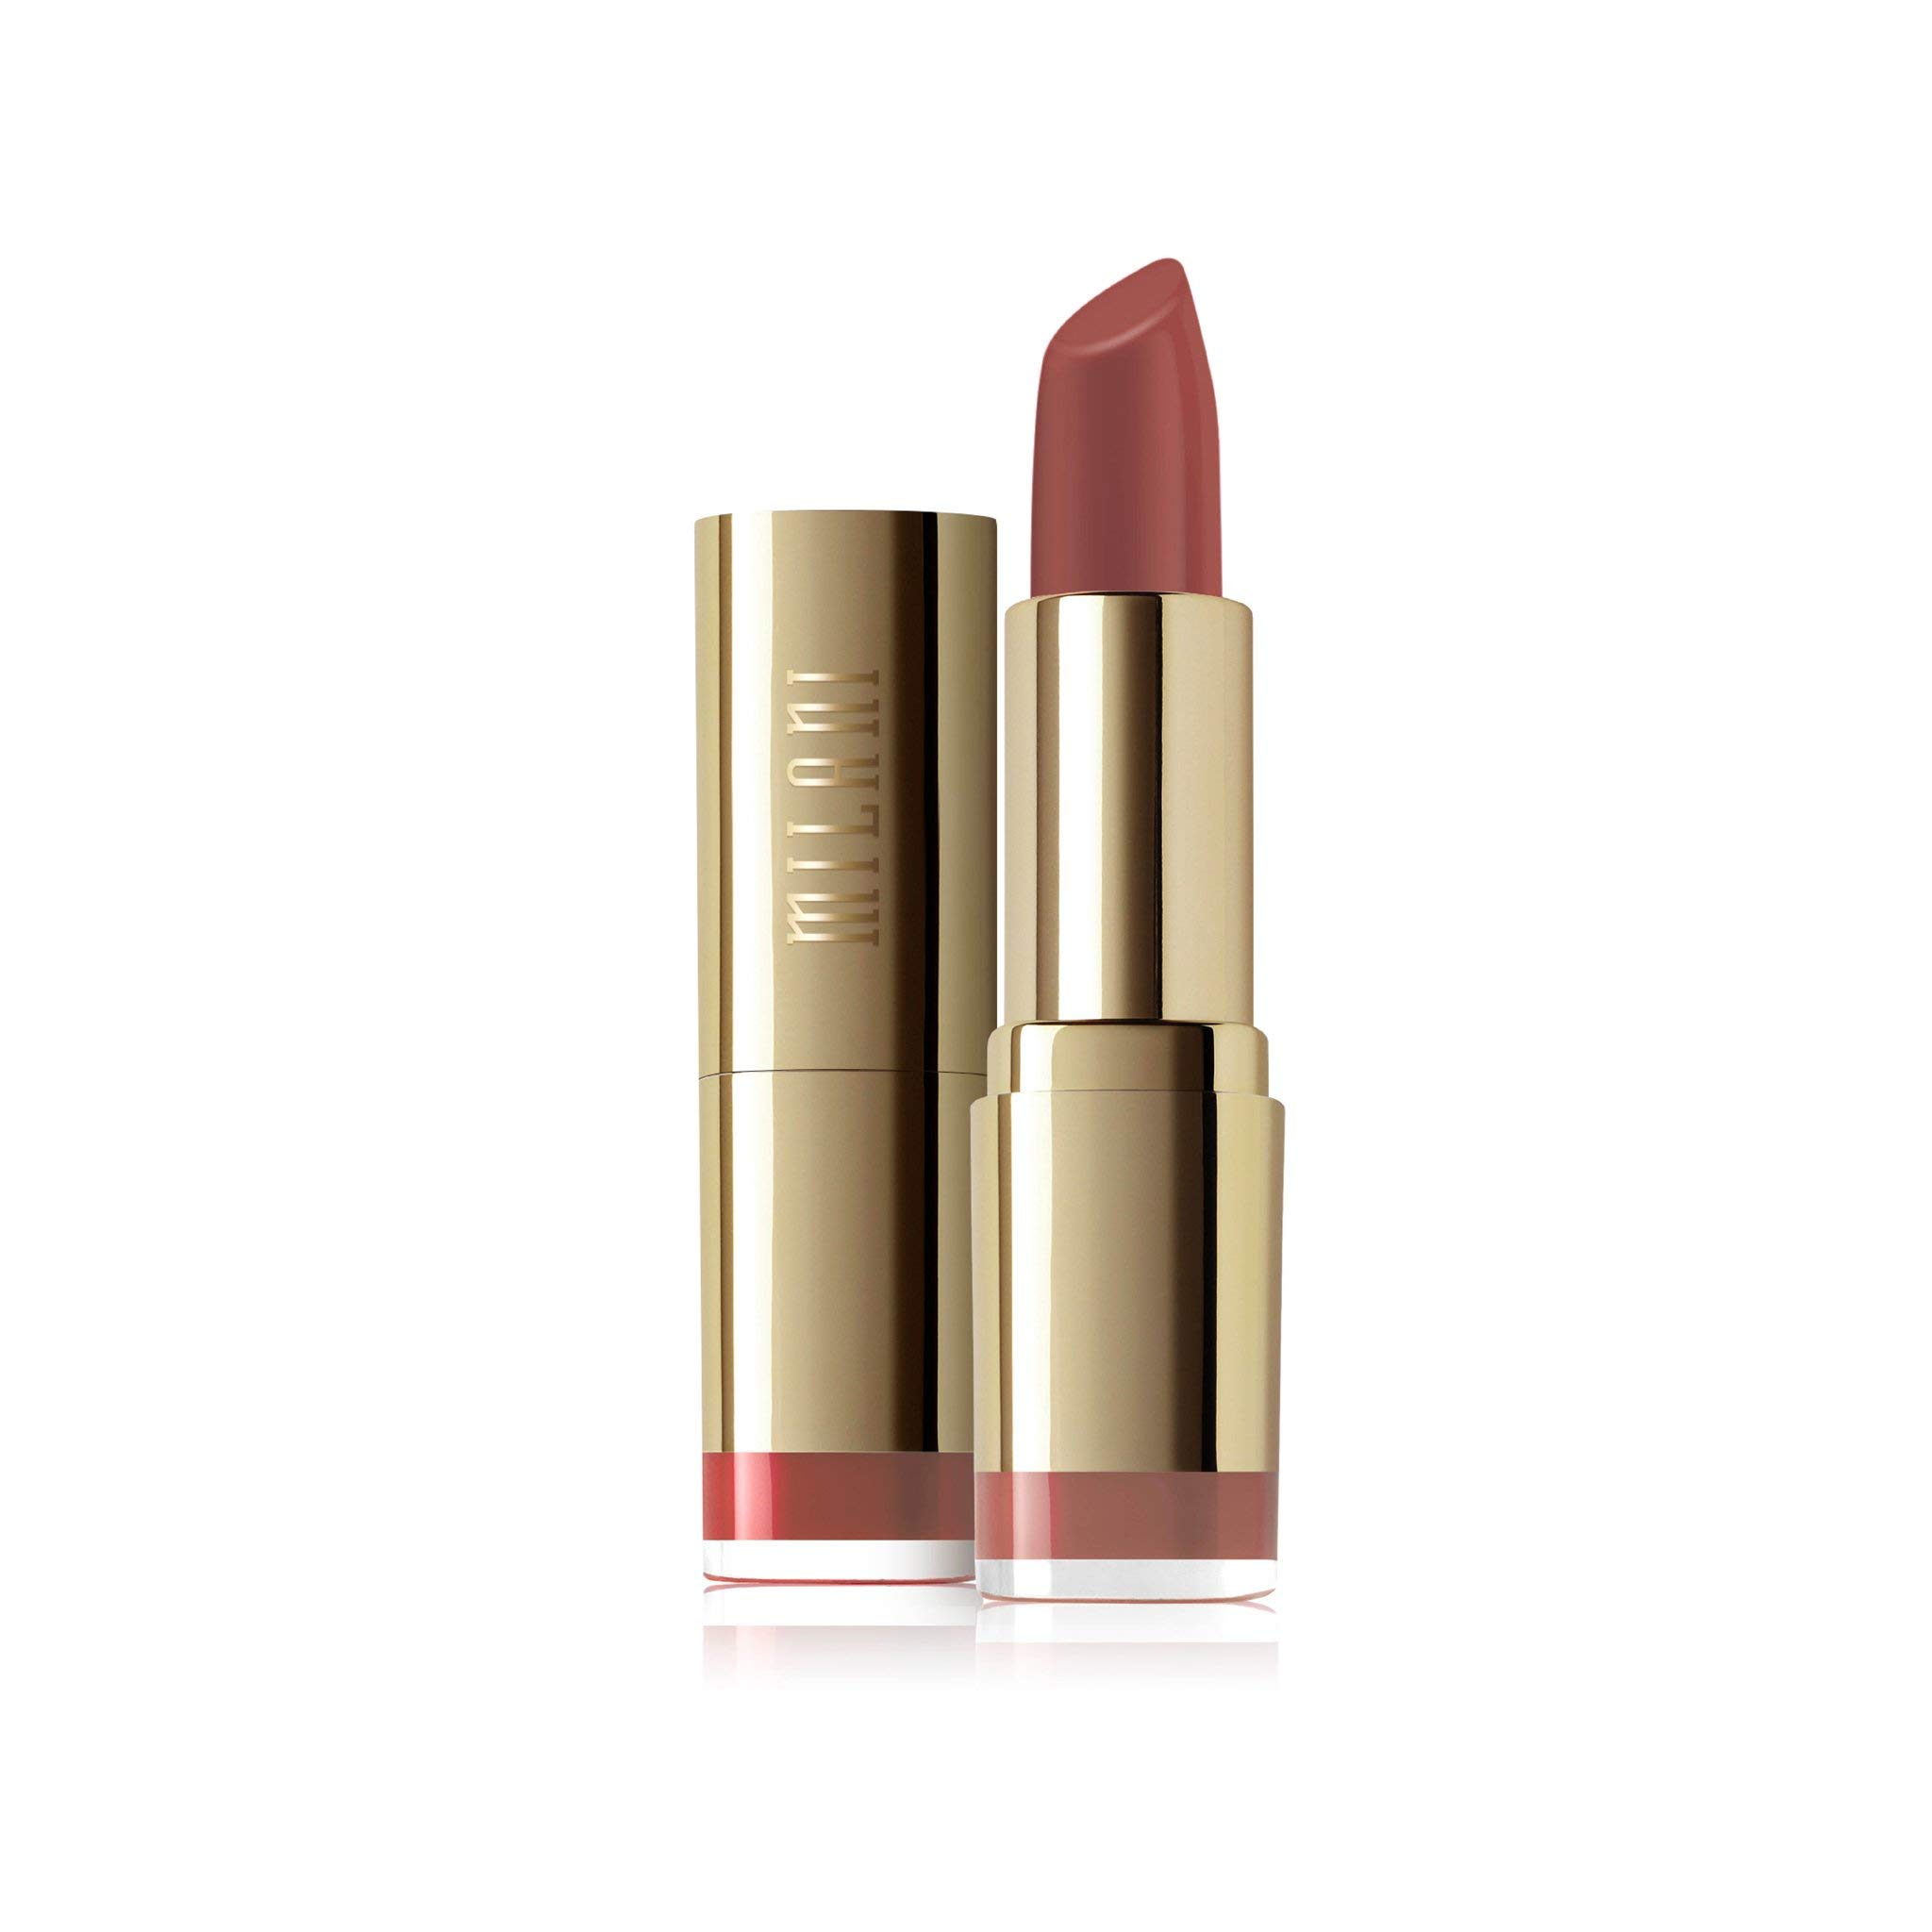 Milani Colour Statement Lipstick, Teddy Bare